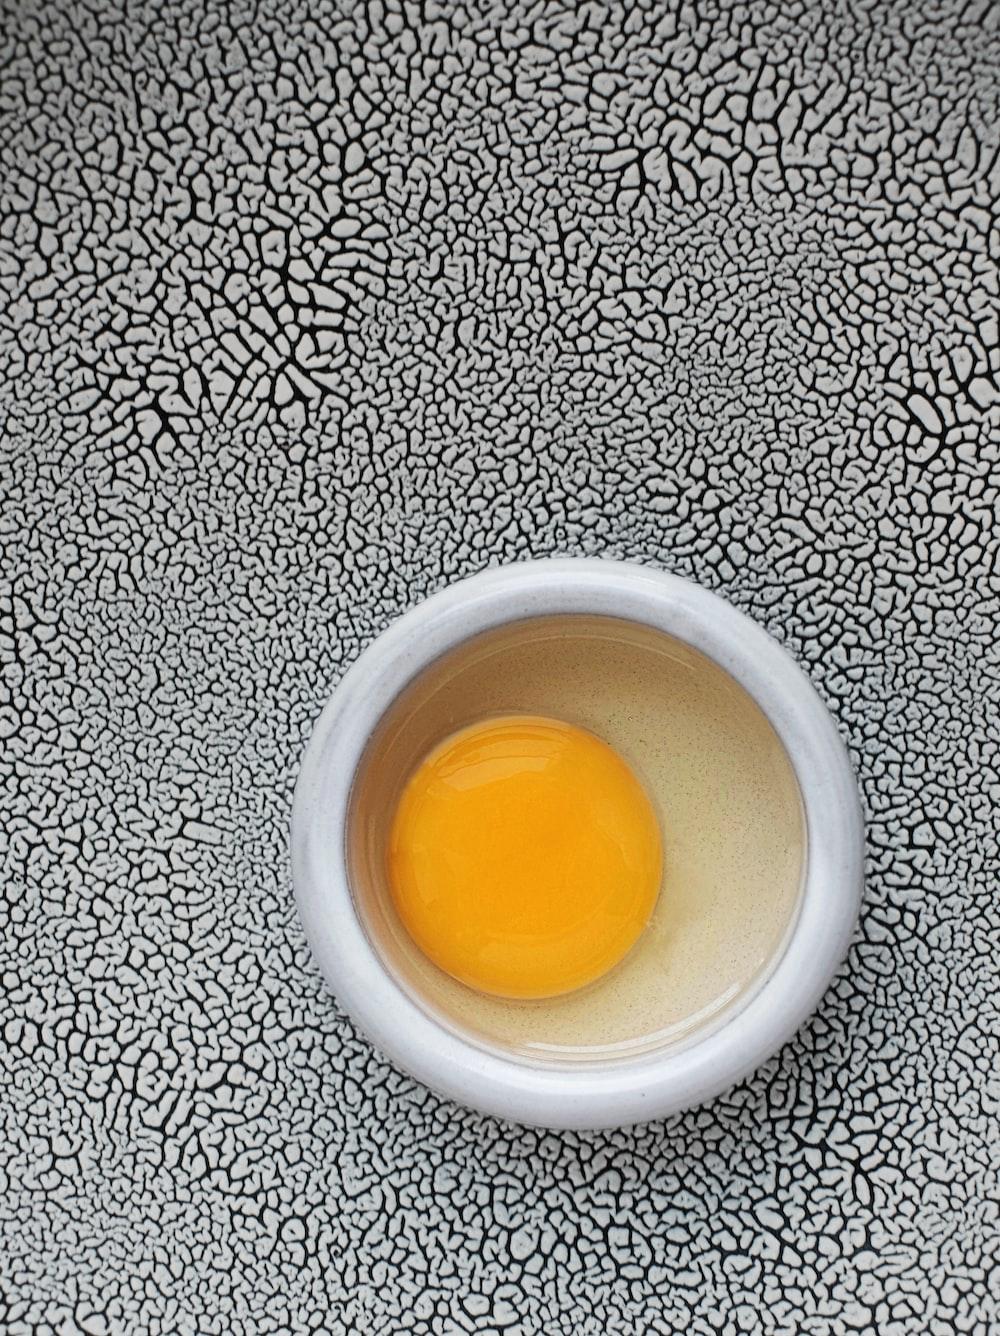 egg yolk on round white bowl